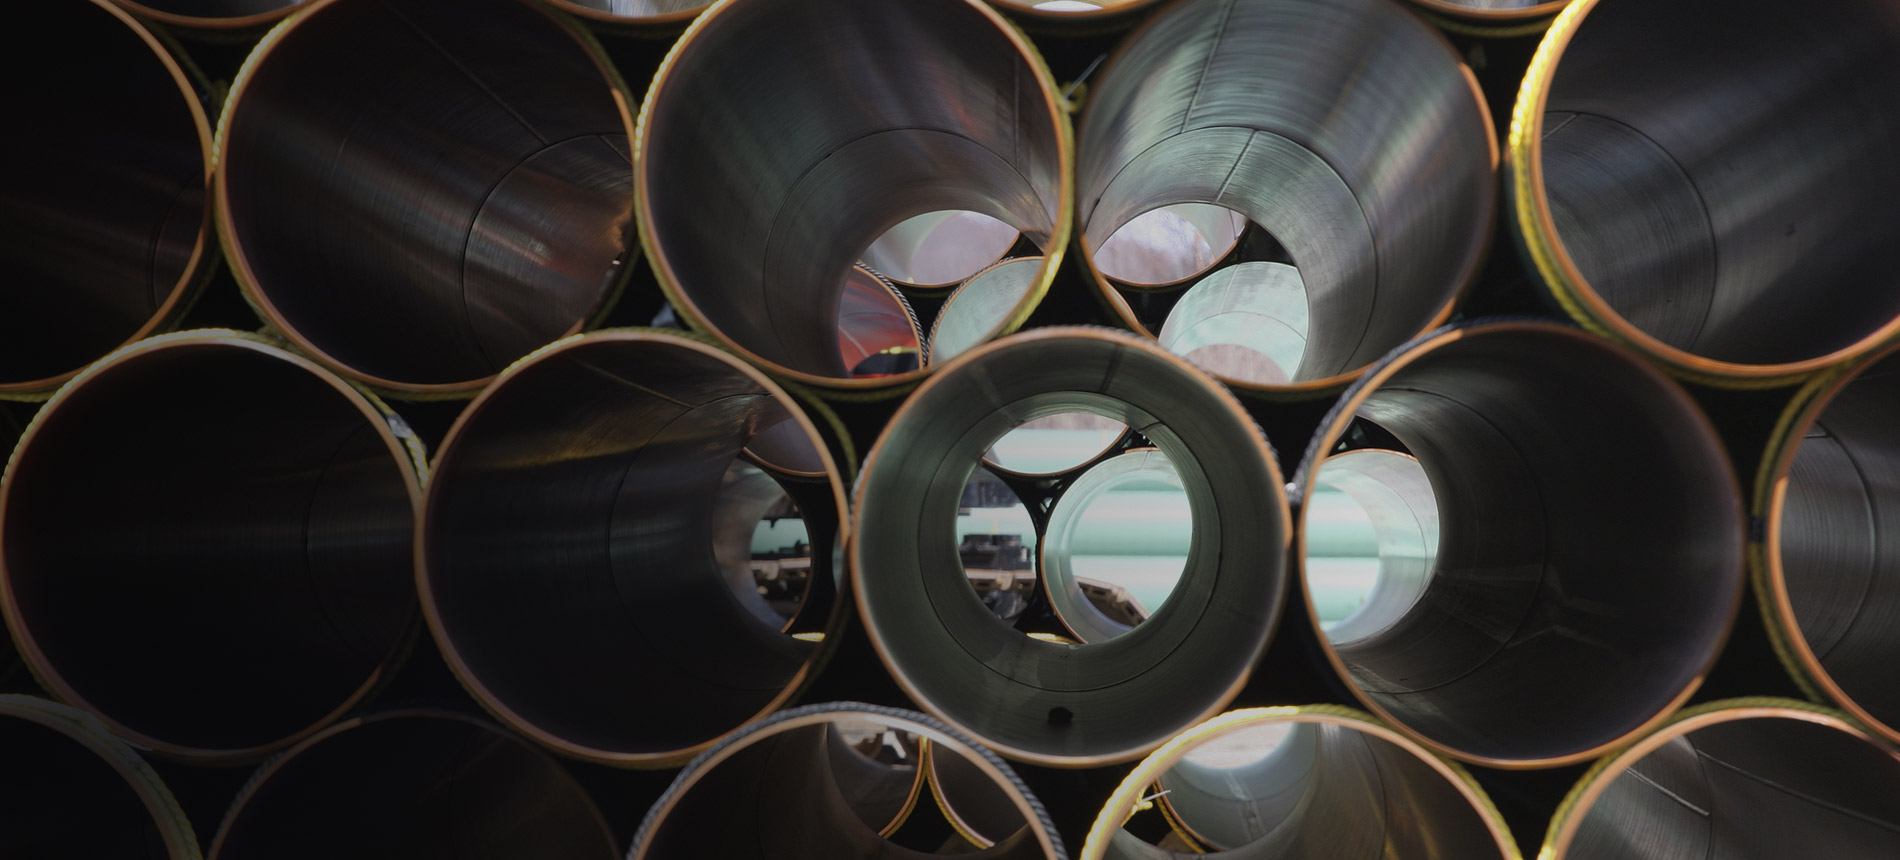 UK gas market